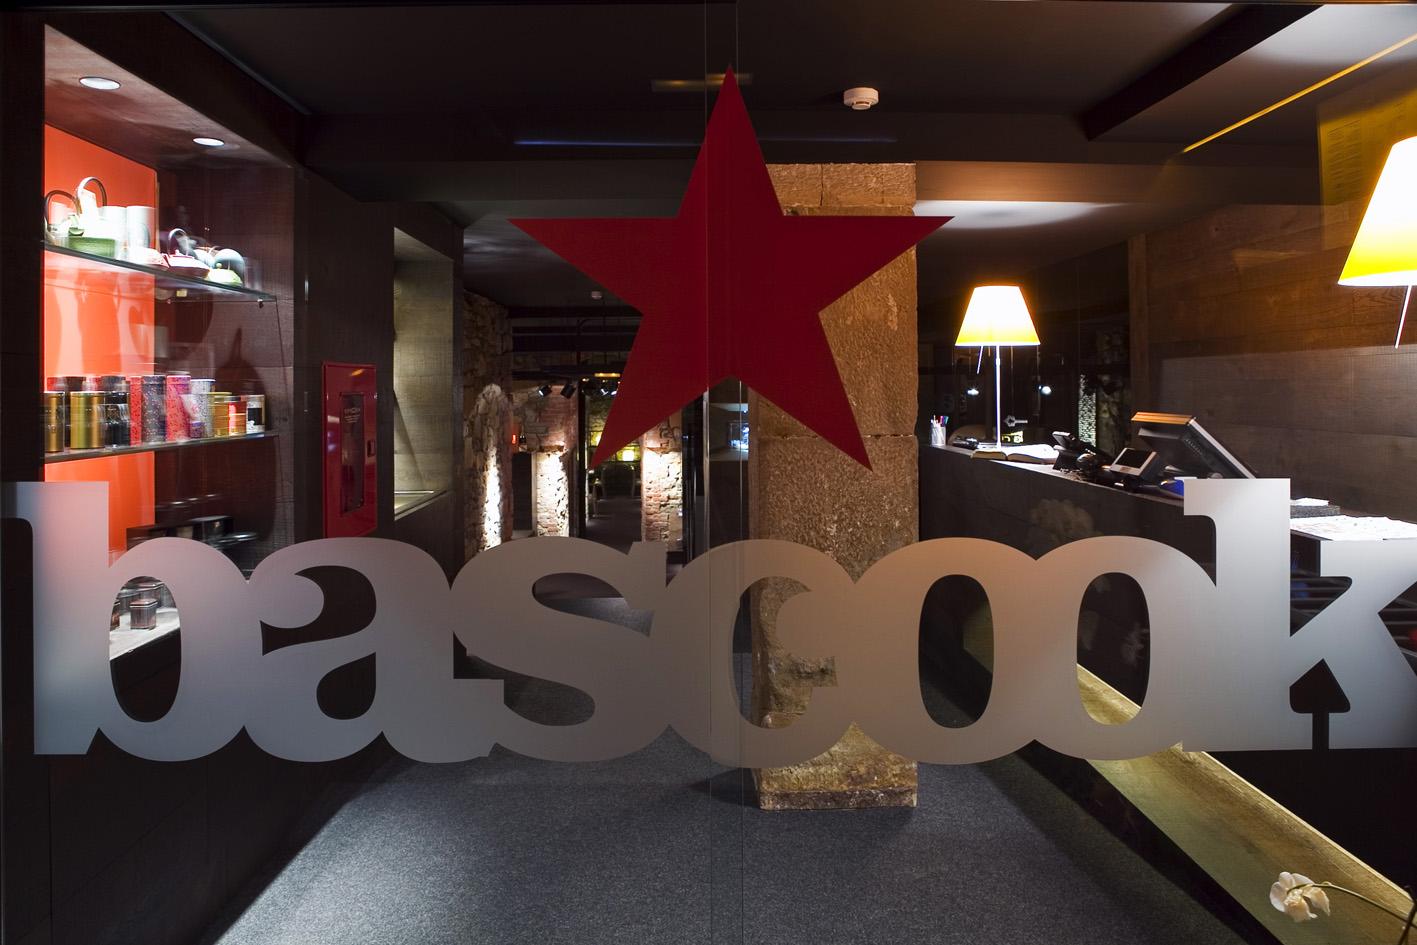 (c) bascook.com